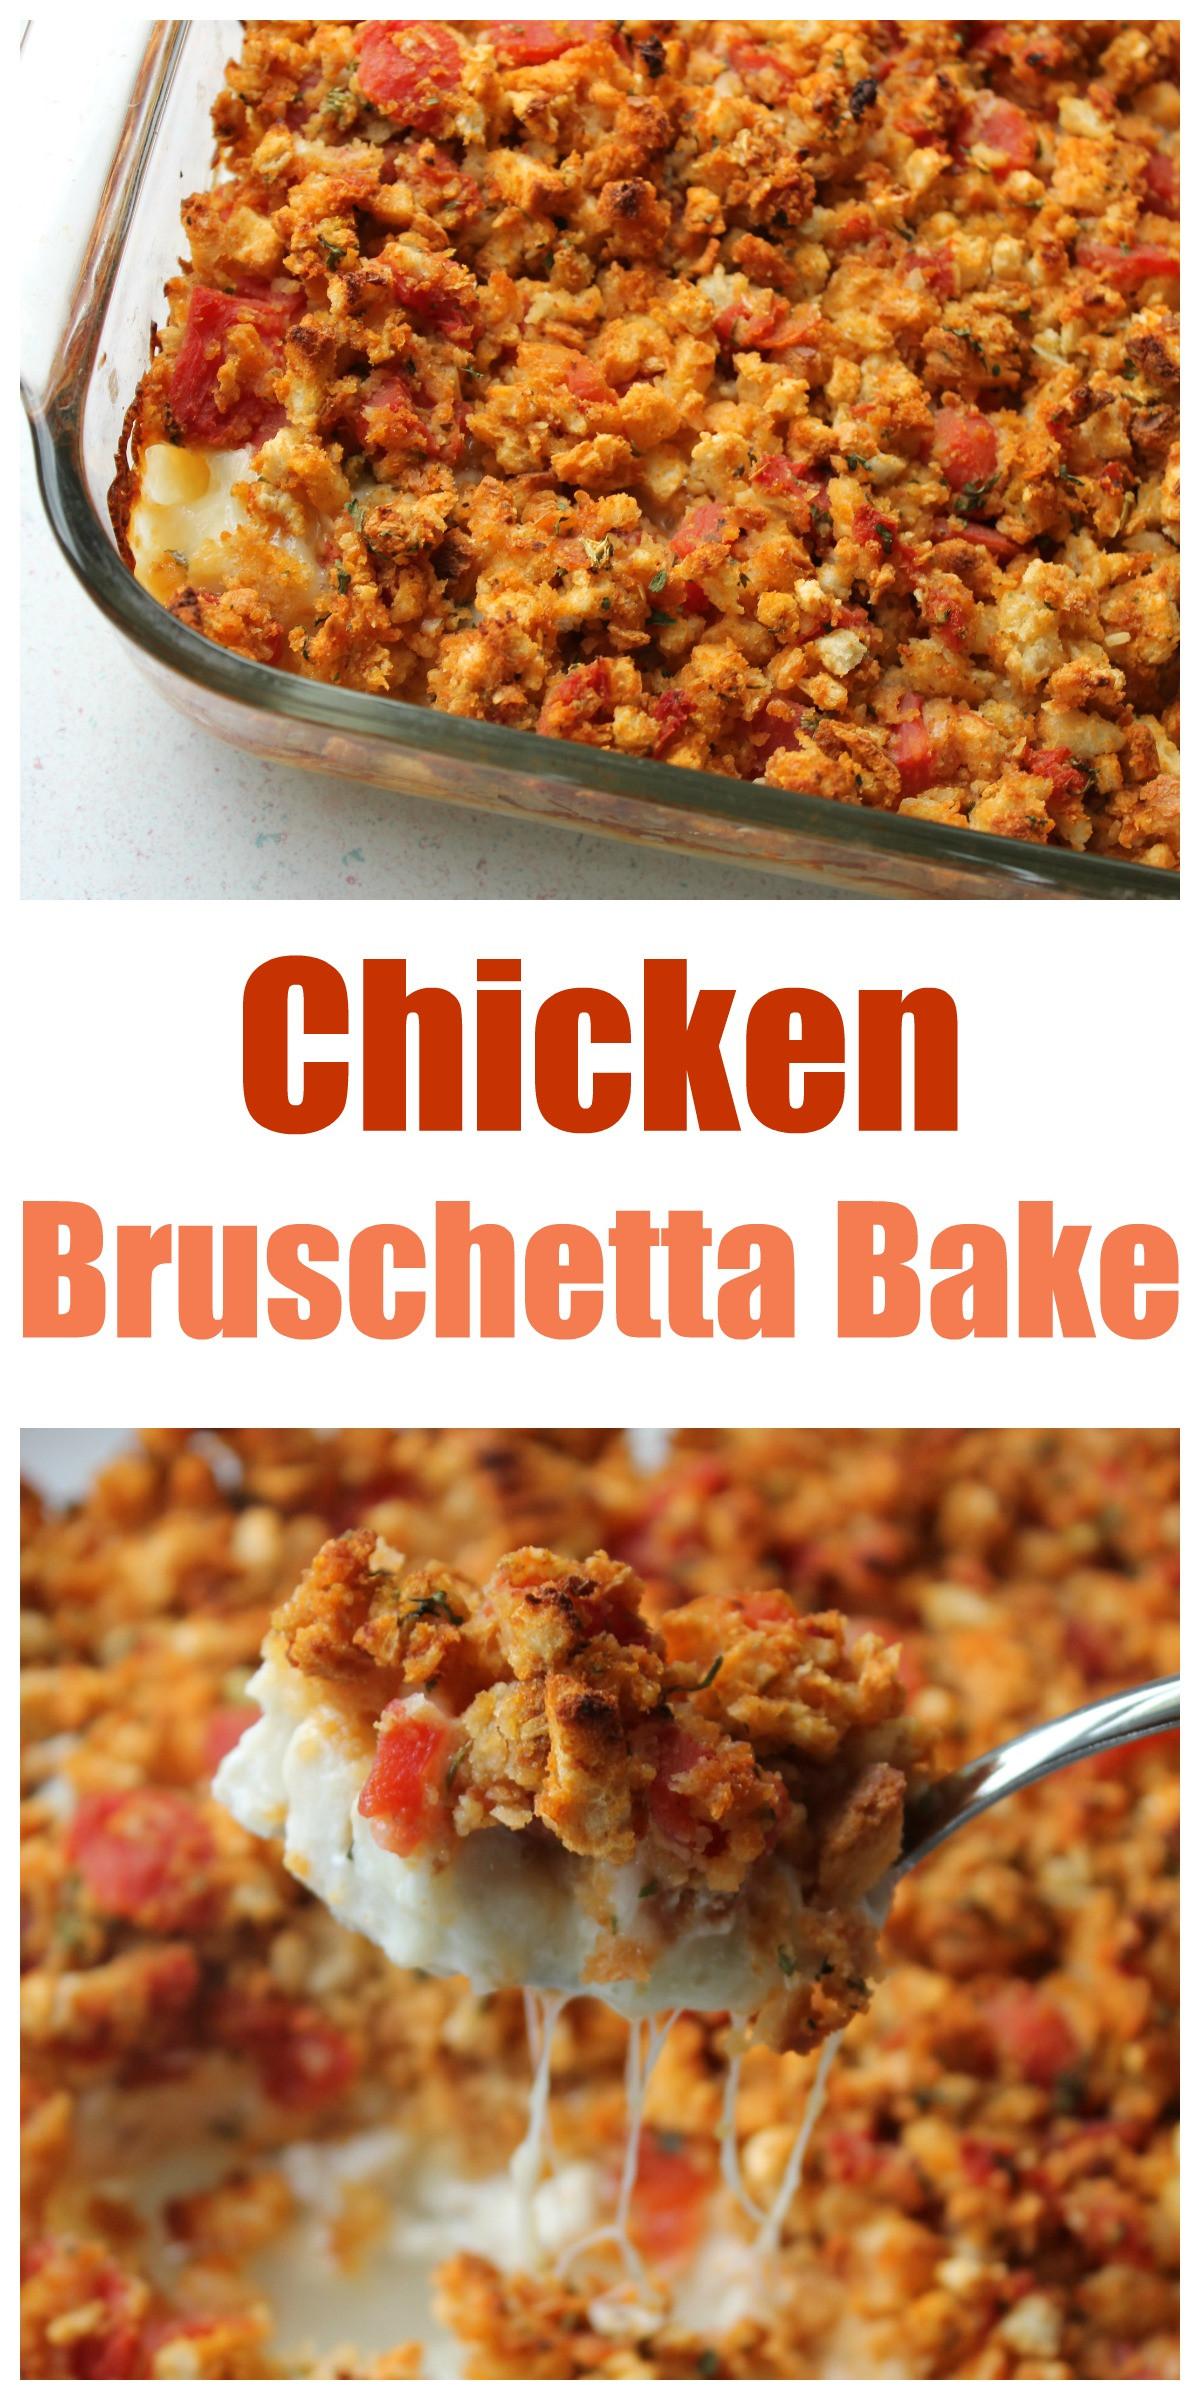 Bruschetta Chicken Bake  Bruschetta Chicken Bake Recipe — Dishmaps